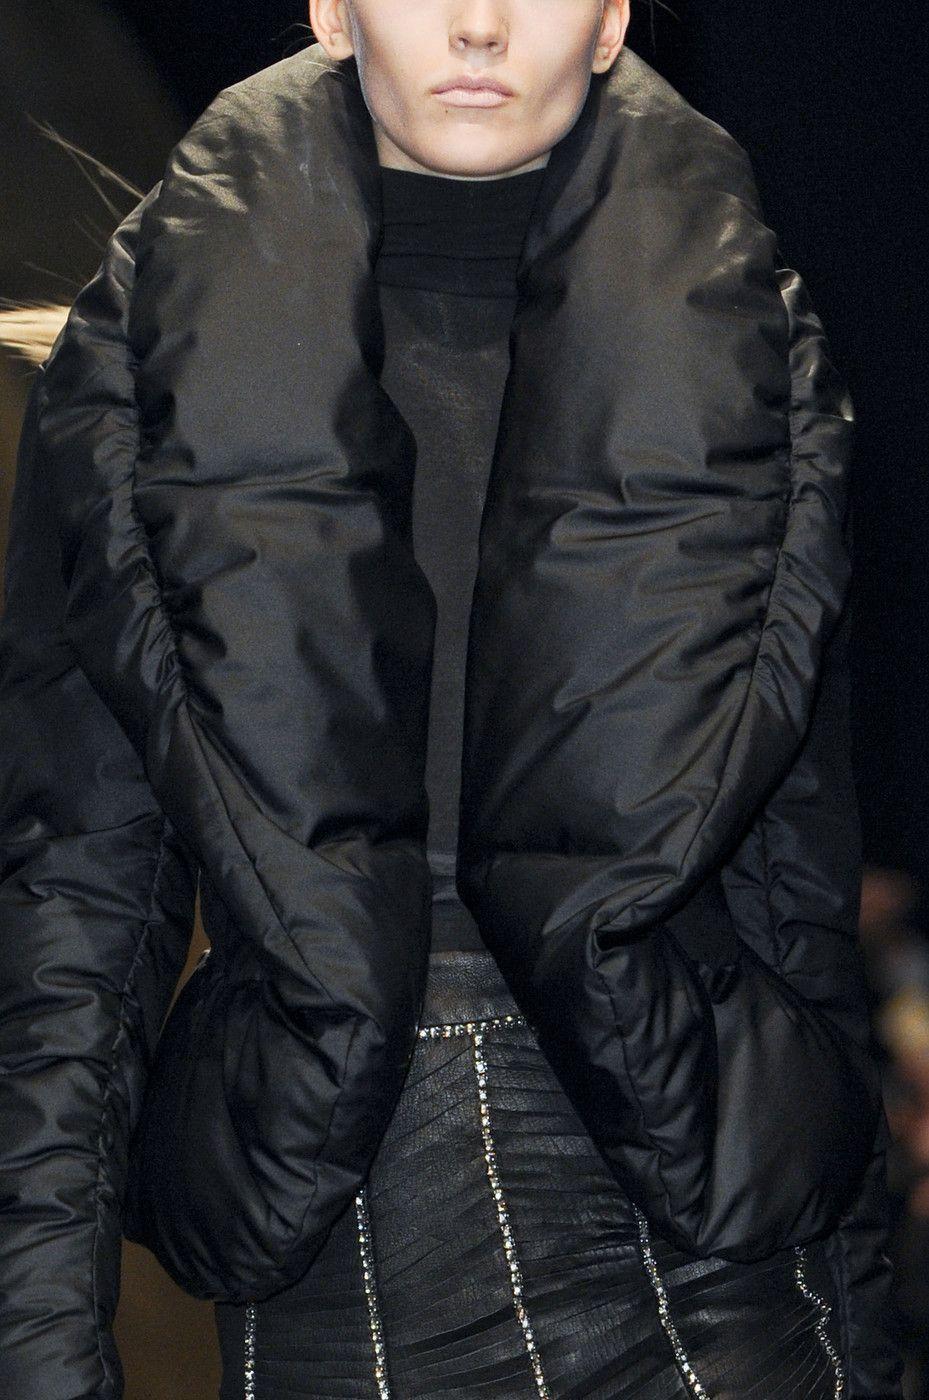 Donna Karan at New York Fashion Week Fall 2013 - Details Runway Photos